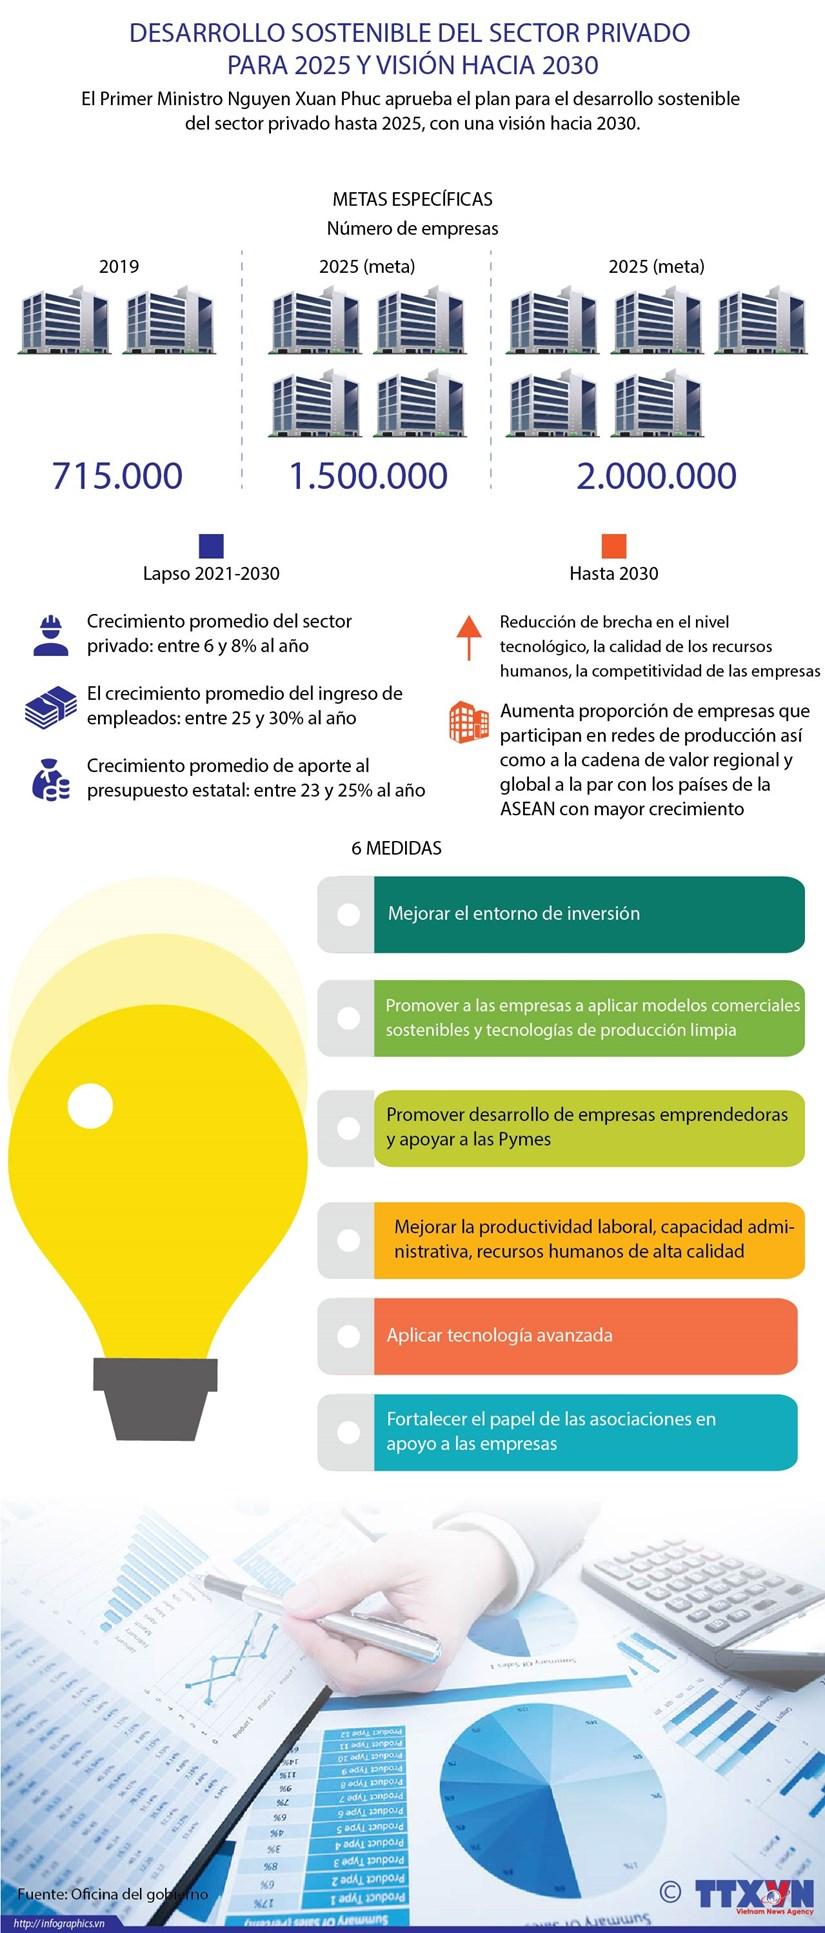 [Info] Desarrollo sostenible del sector privado para 2025 y vision hacia 2030 hinh anh 1